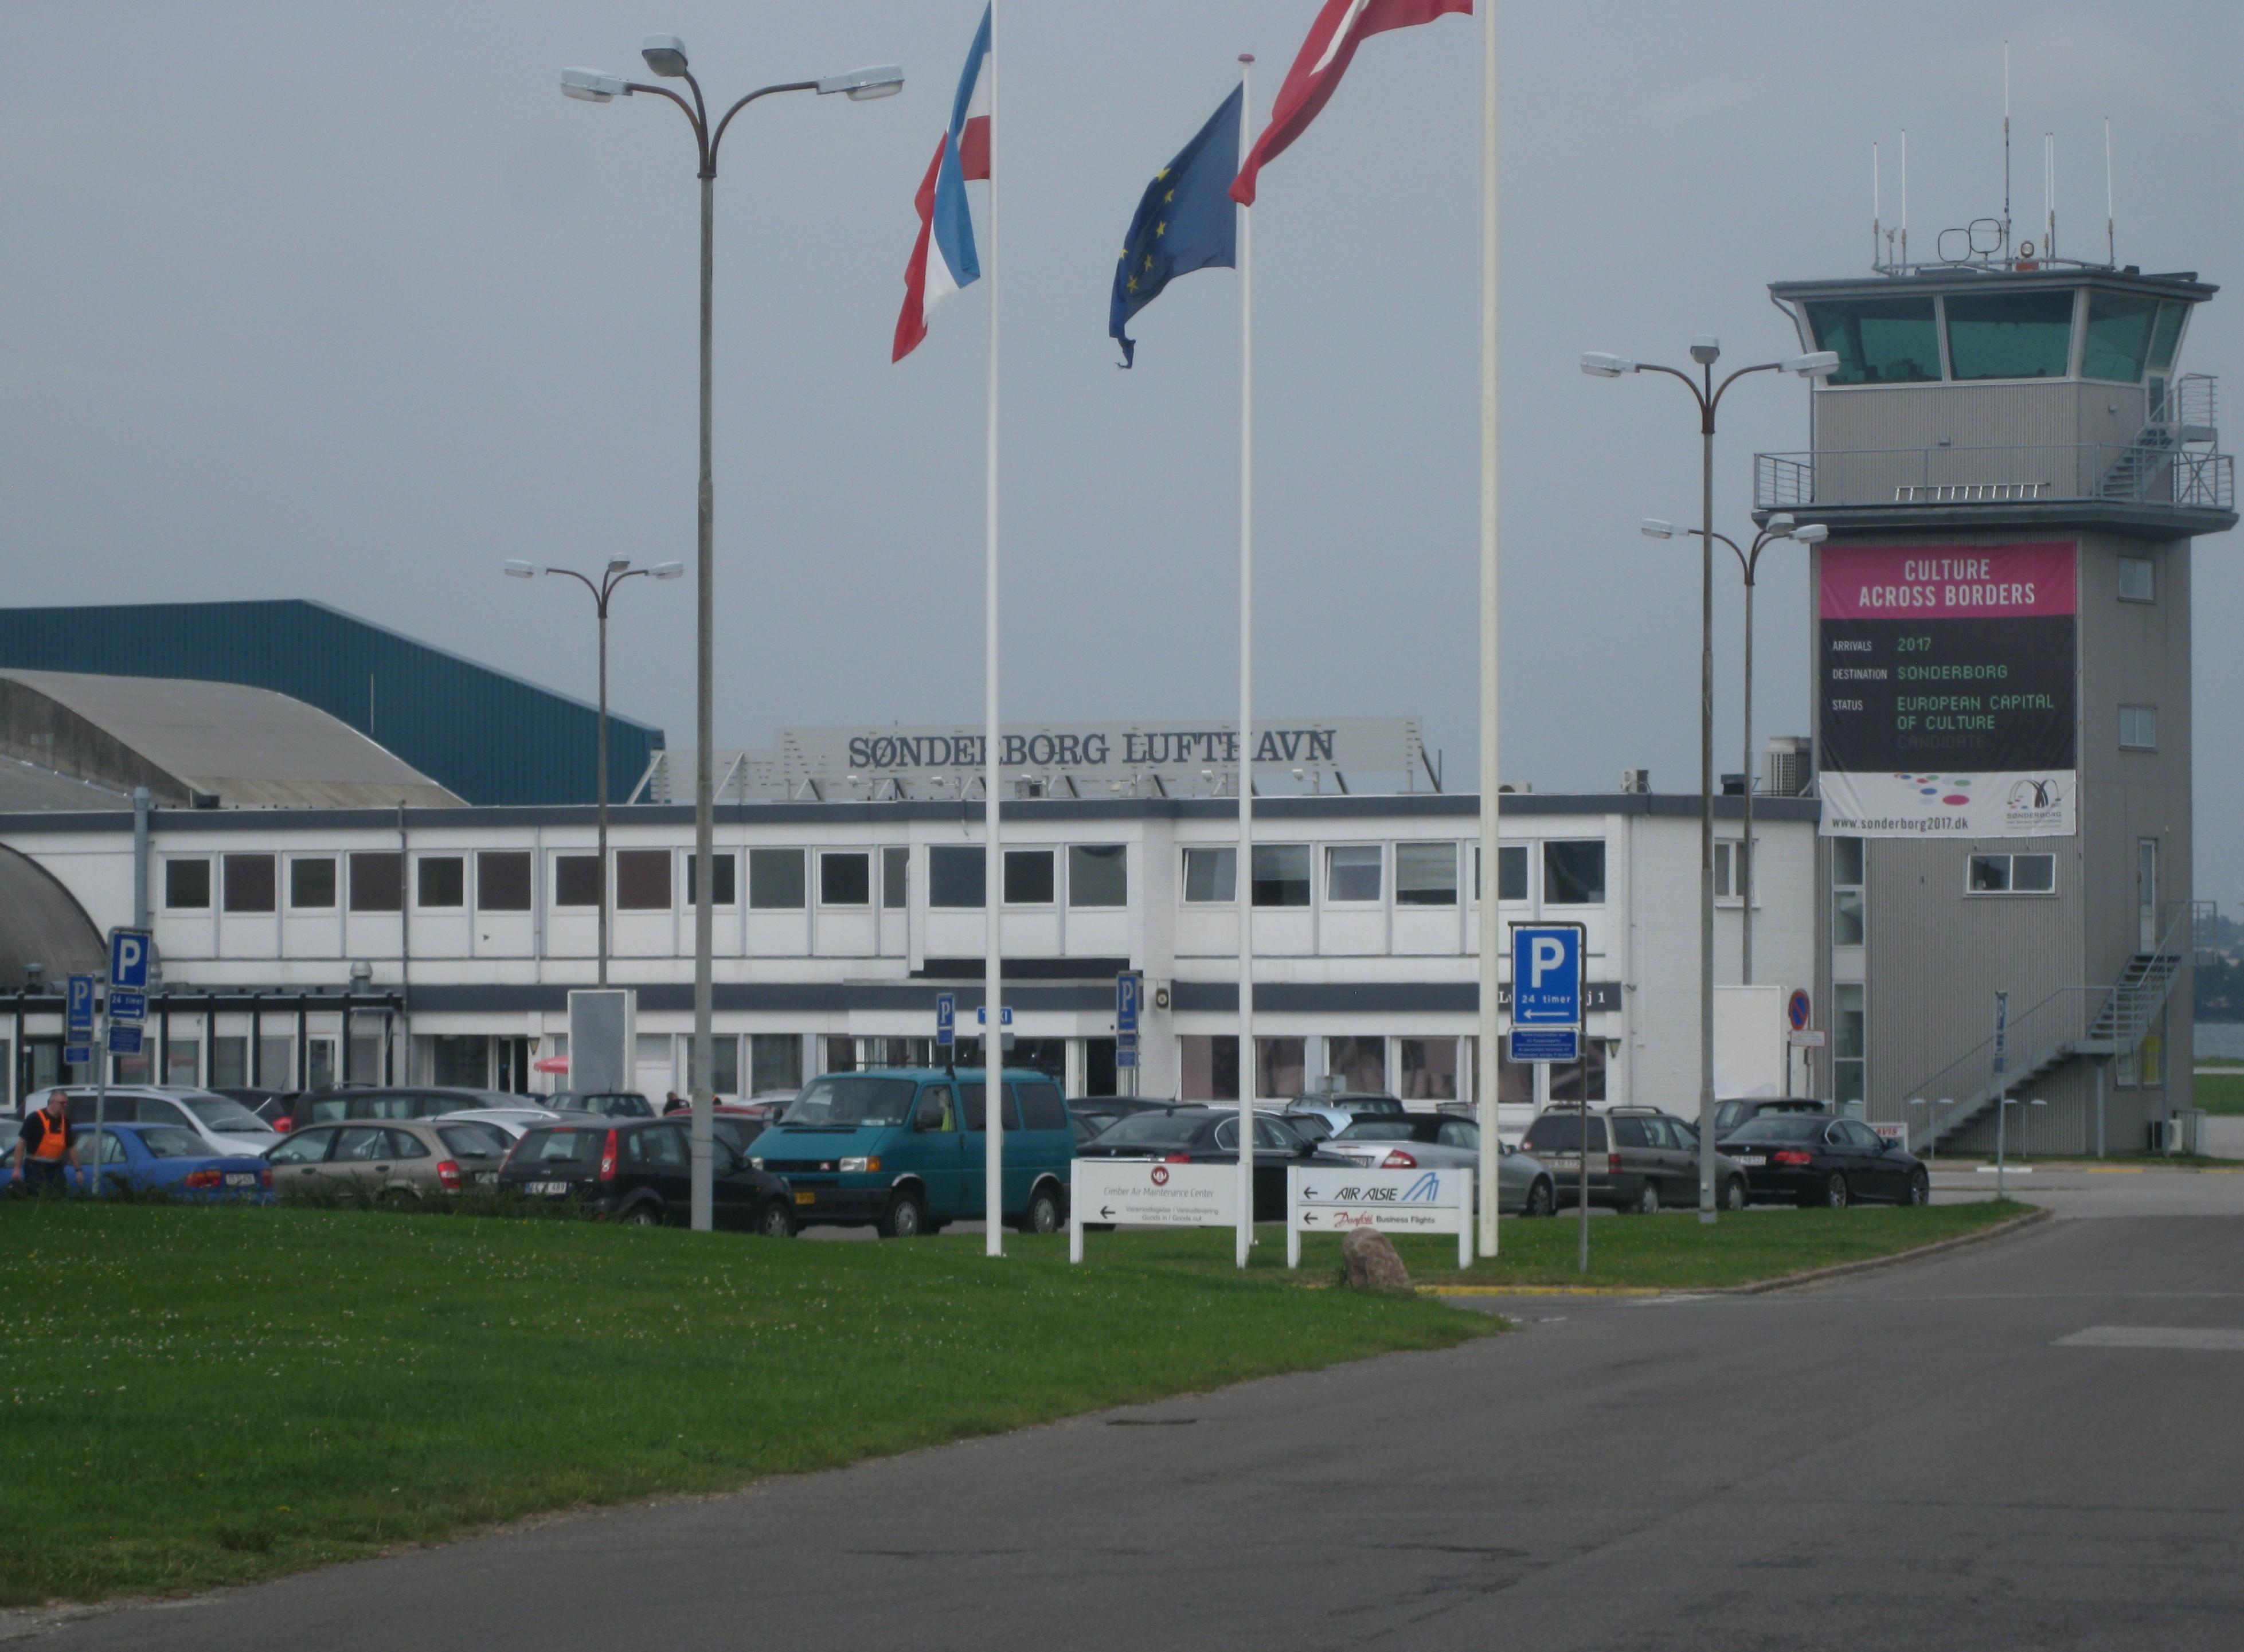 森讷堡机场